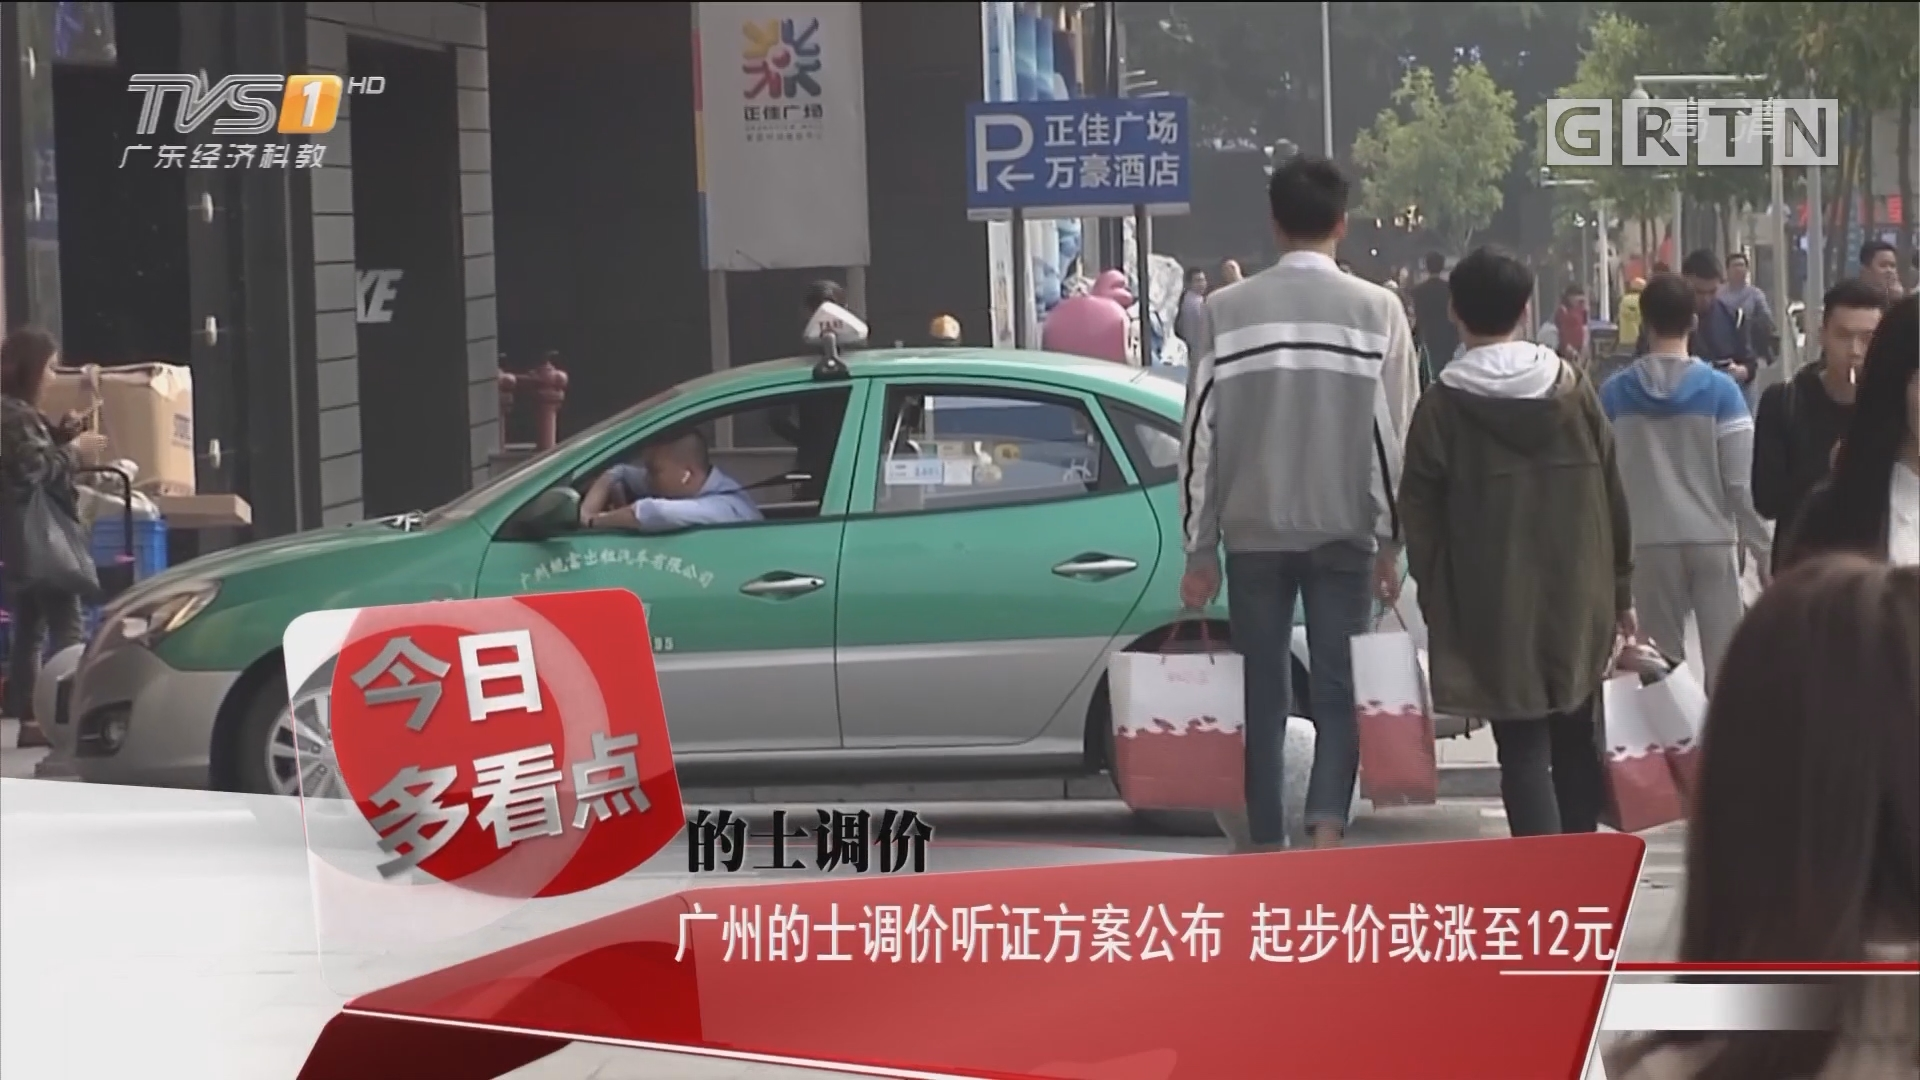 广州的士调价听证方案公布 起步价或涨至12元